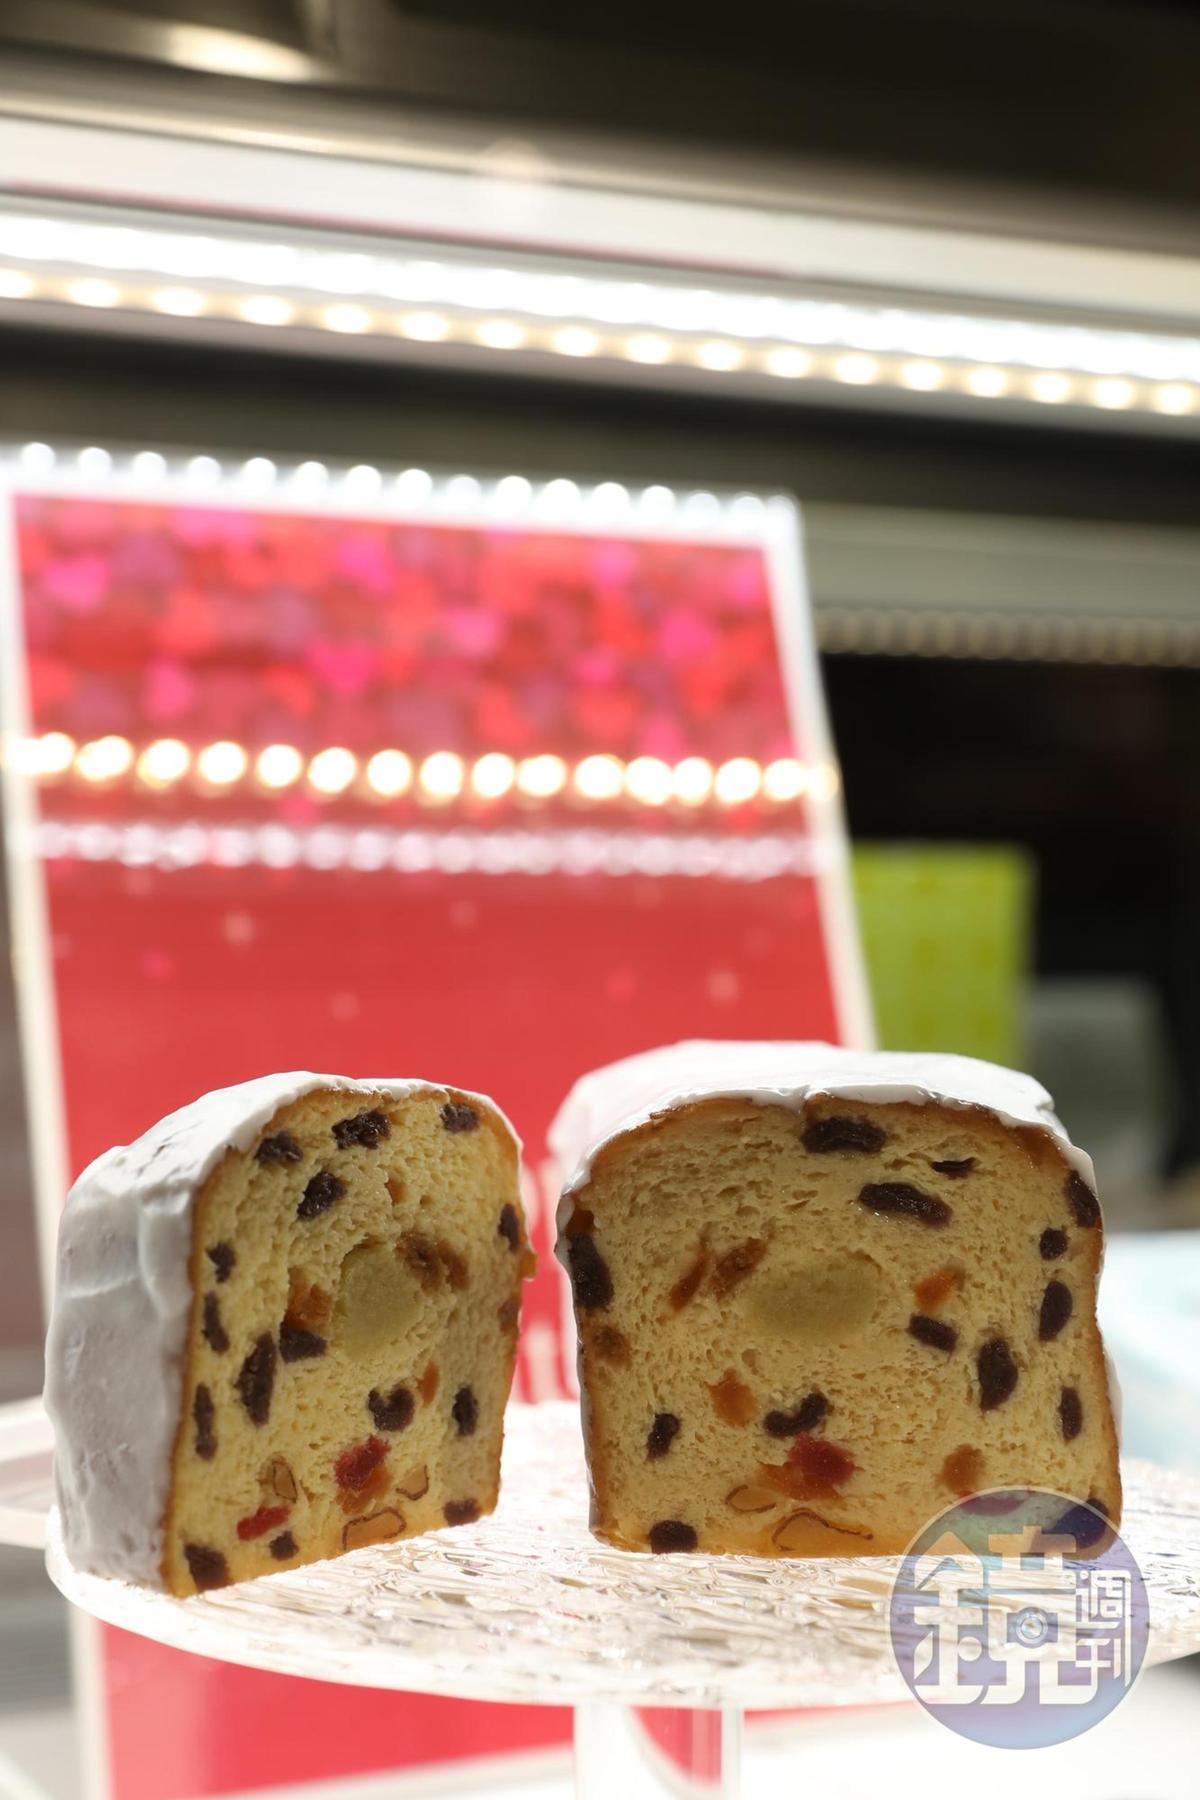 雪藏水果蛋糕是雪室人氣商品之一。